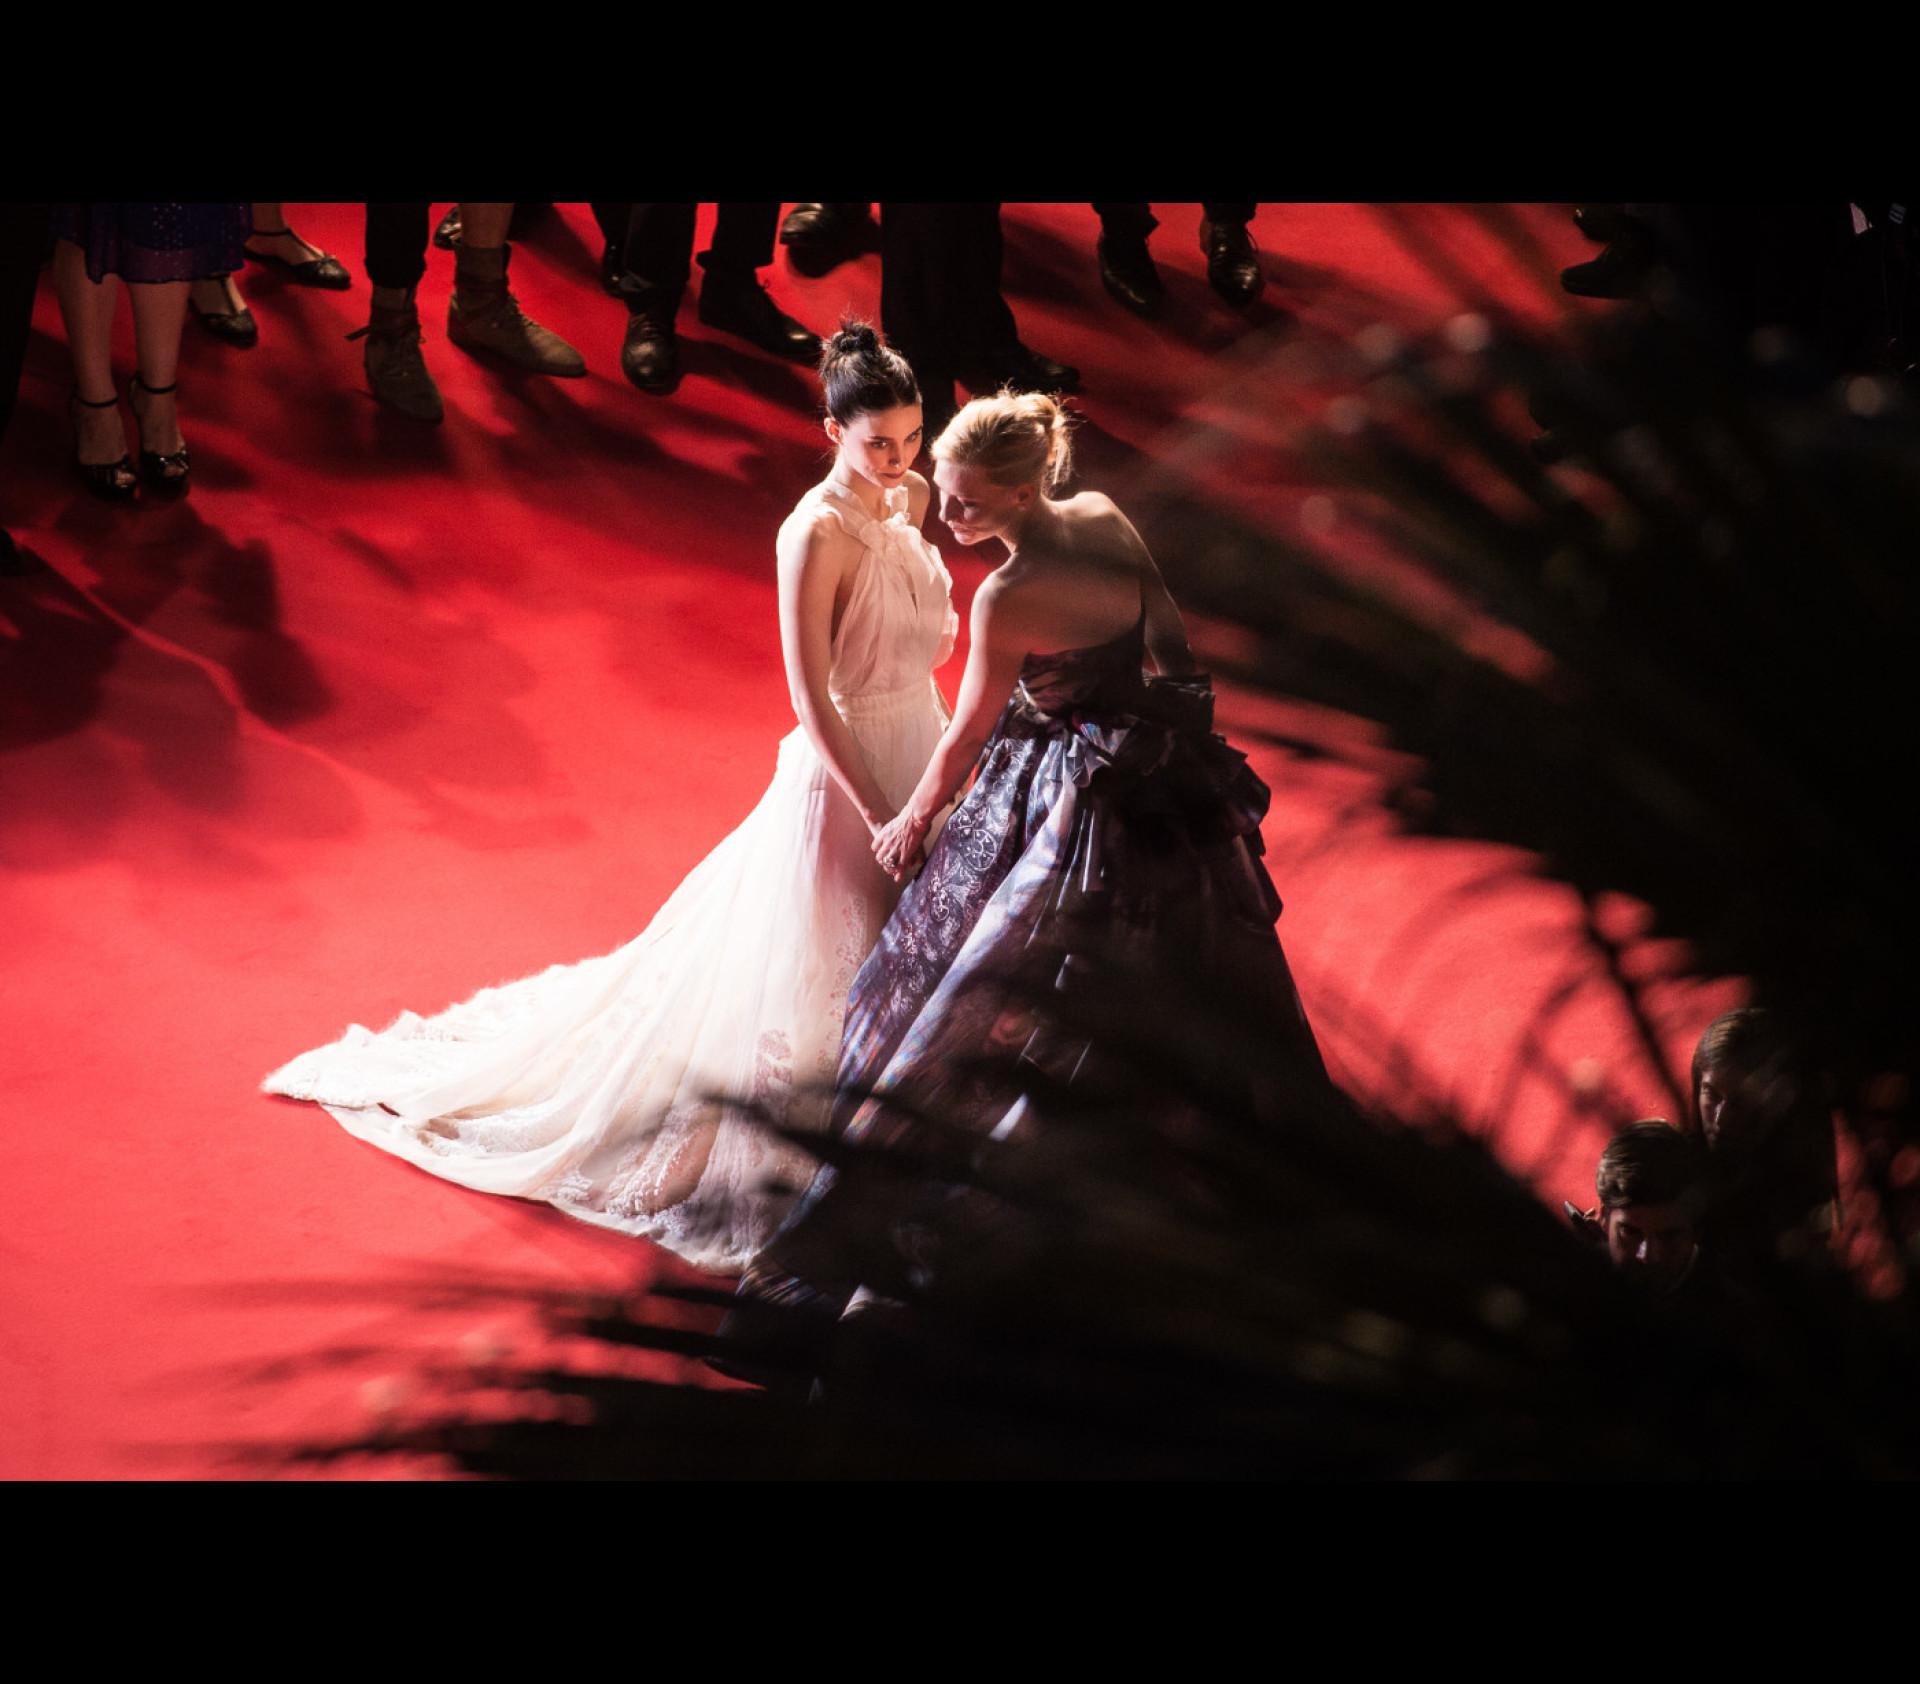 Os momentos mais icónicos da história do Festival de Cannes